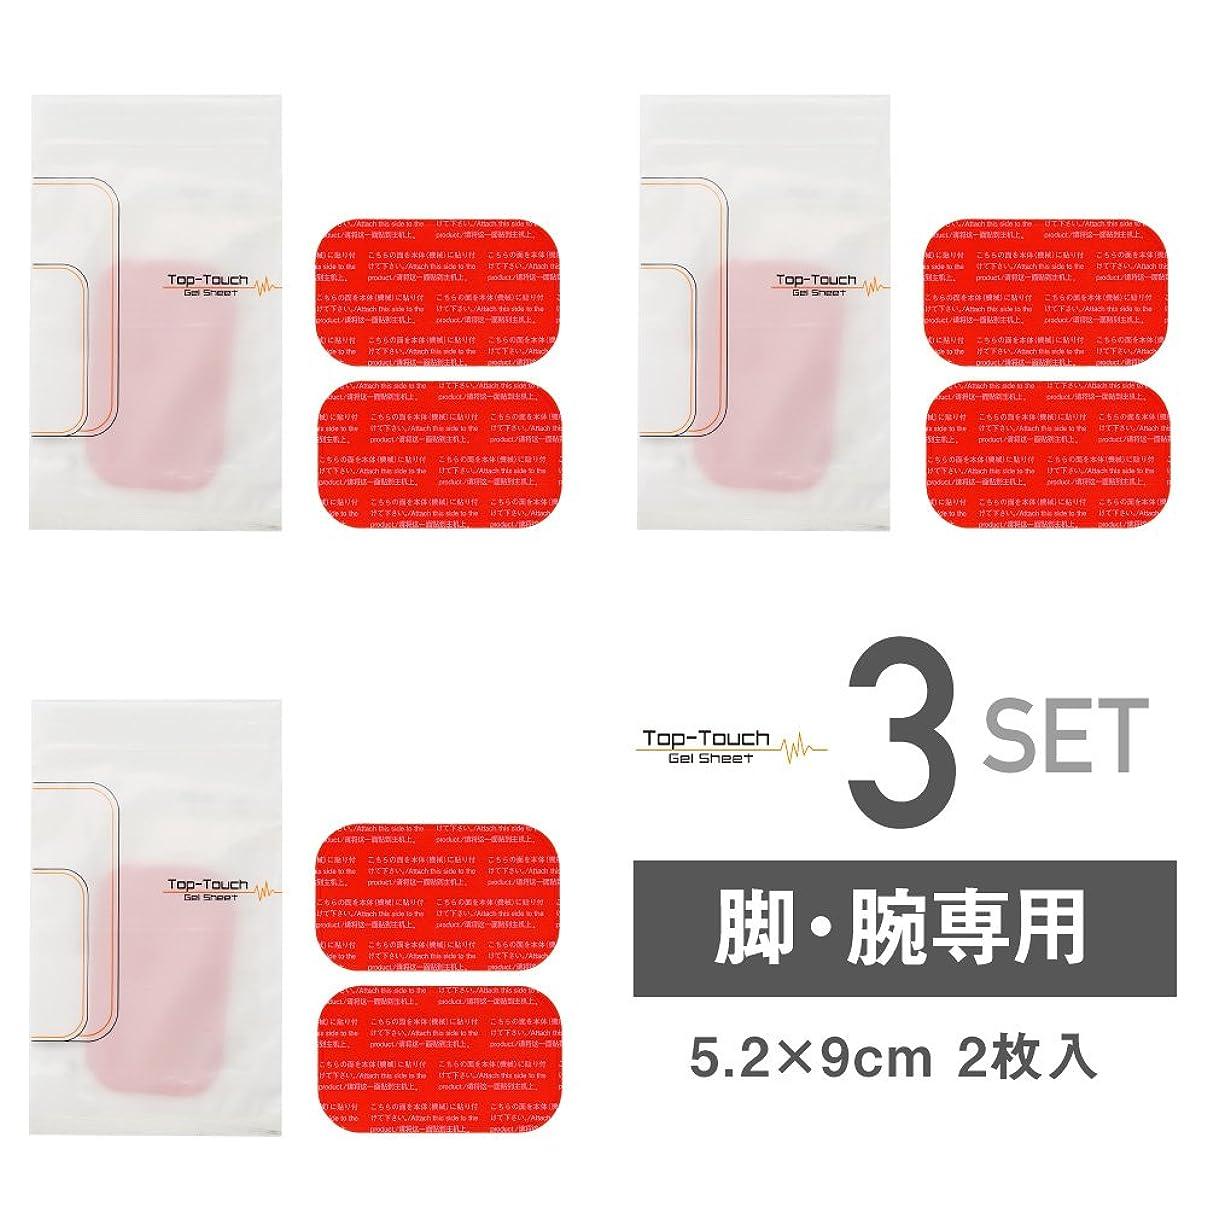 マント十分に面倒Top-Touch 互換ジェルシート EMS シックス SIX 互換 高電導 ジェルシート body ボディ : ウェスト/腕/脚専用 (5.2×9.0cm 2枚入) x3セット 日本製 ジェル 採用 パッド フィット PAD パッド